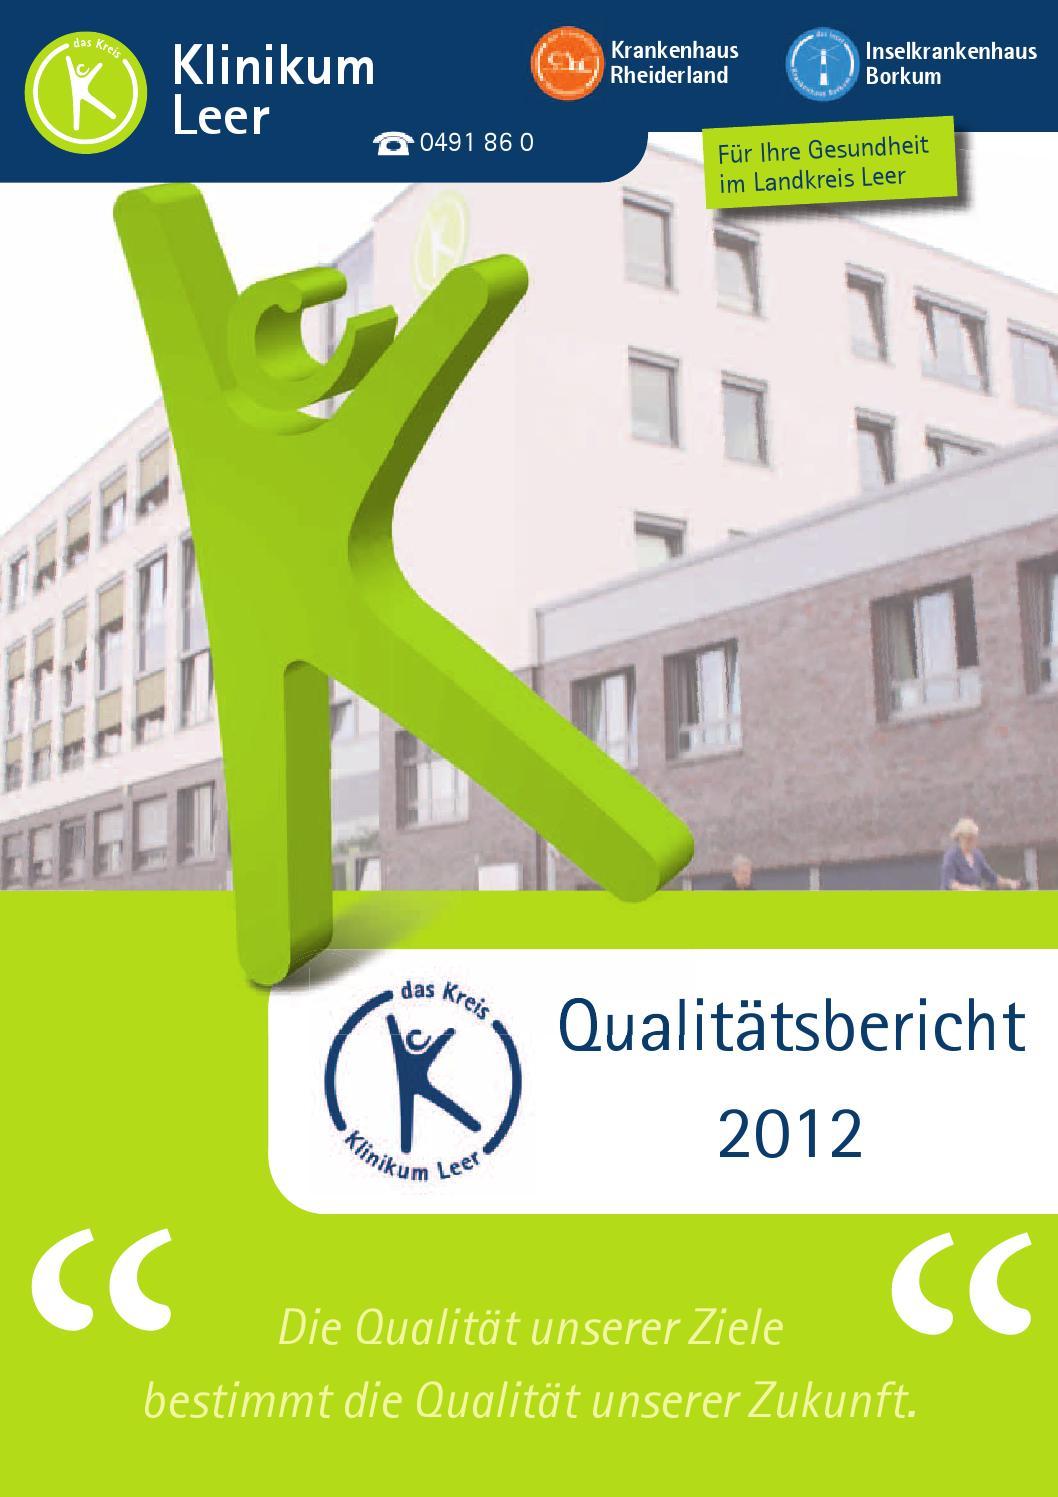 Klinikum Leer gGmbH Qualitätsbericht 2012 by klinikumleer - issuu